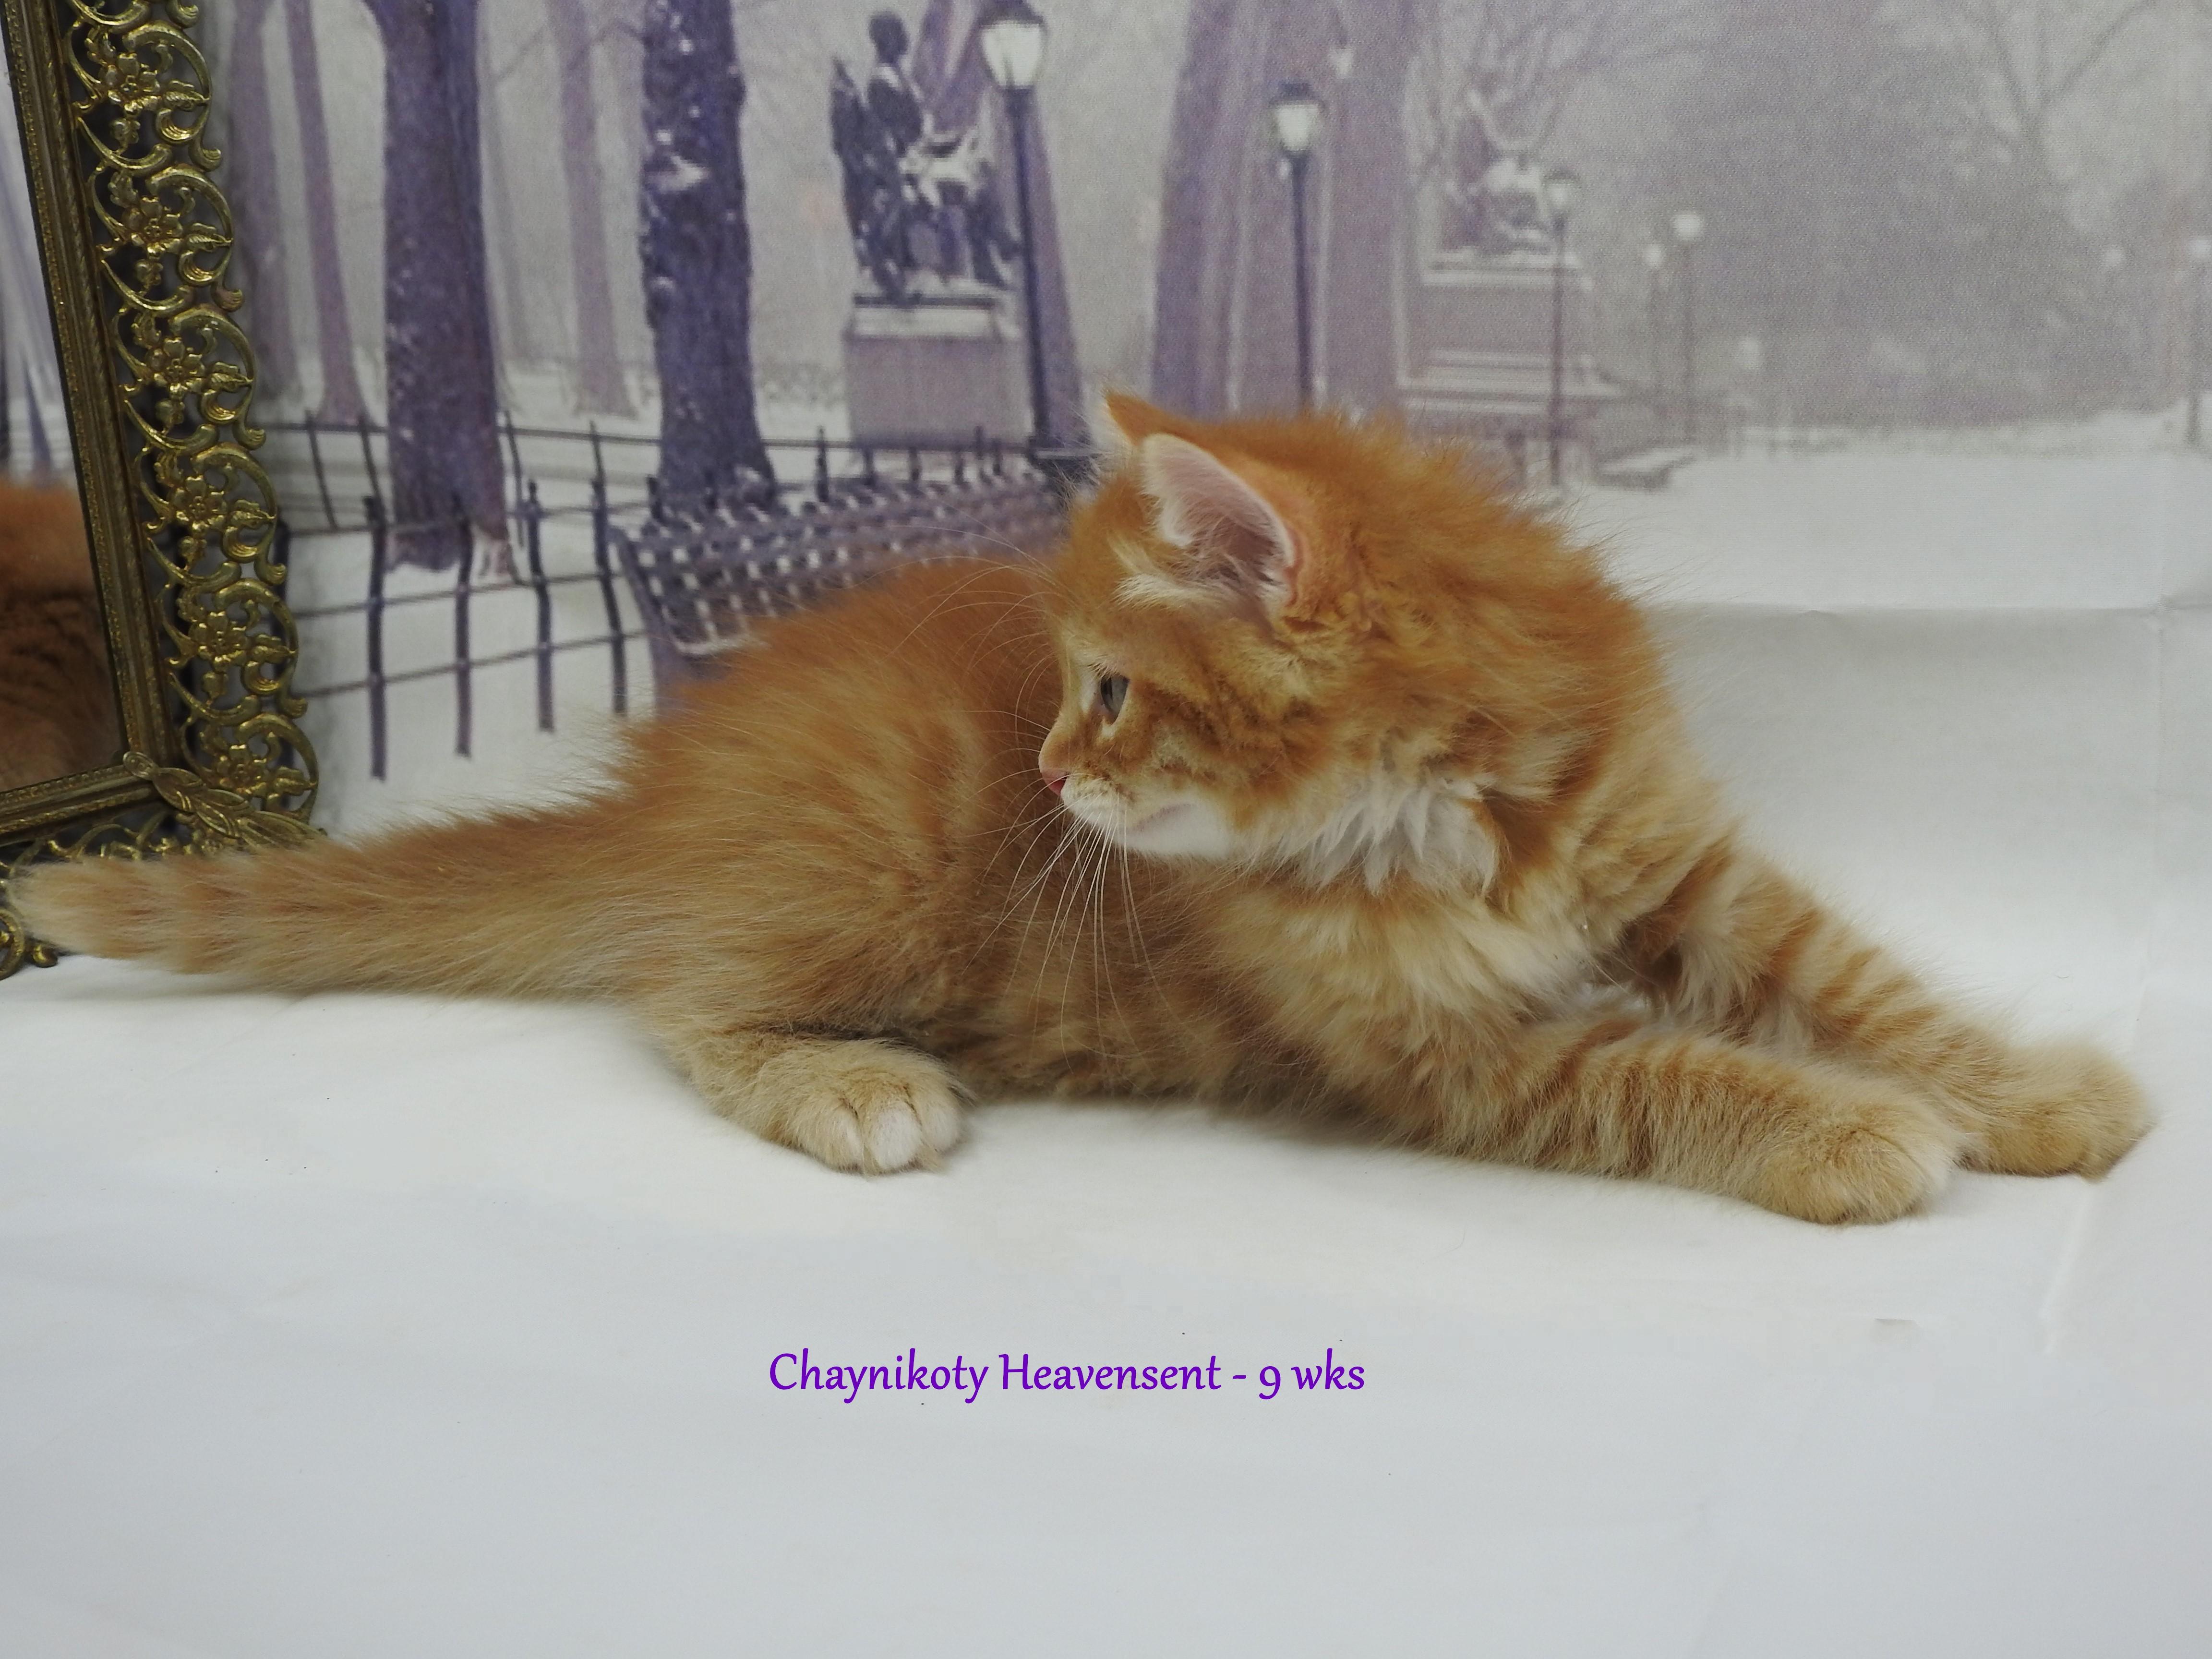 Chaynikoty Heavensent - 9wks